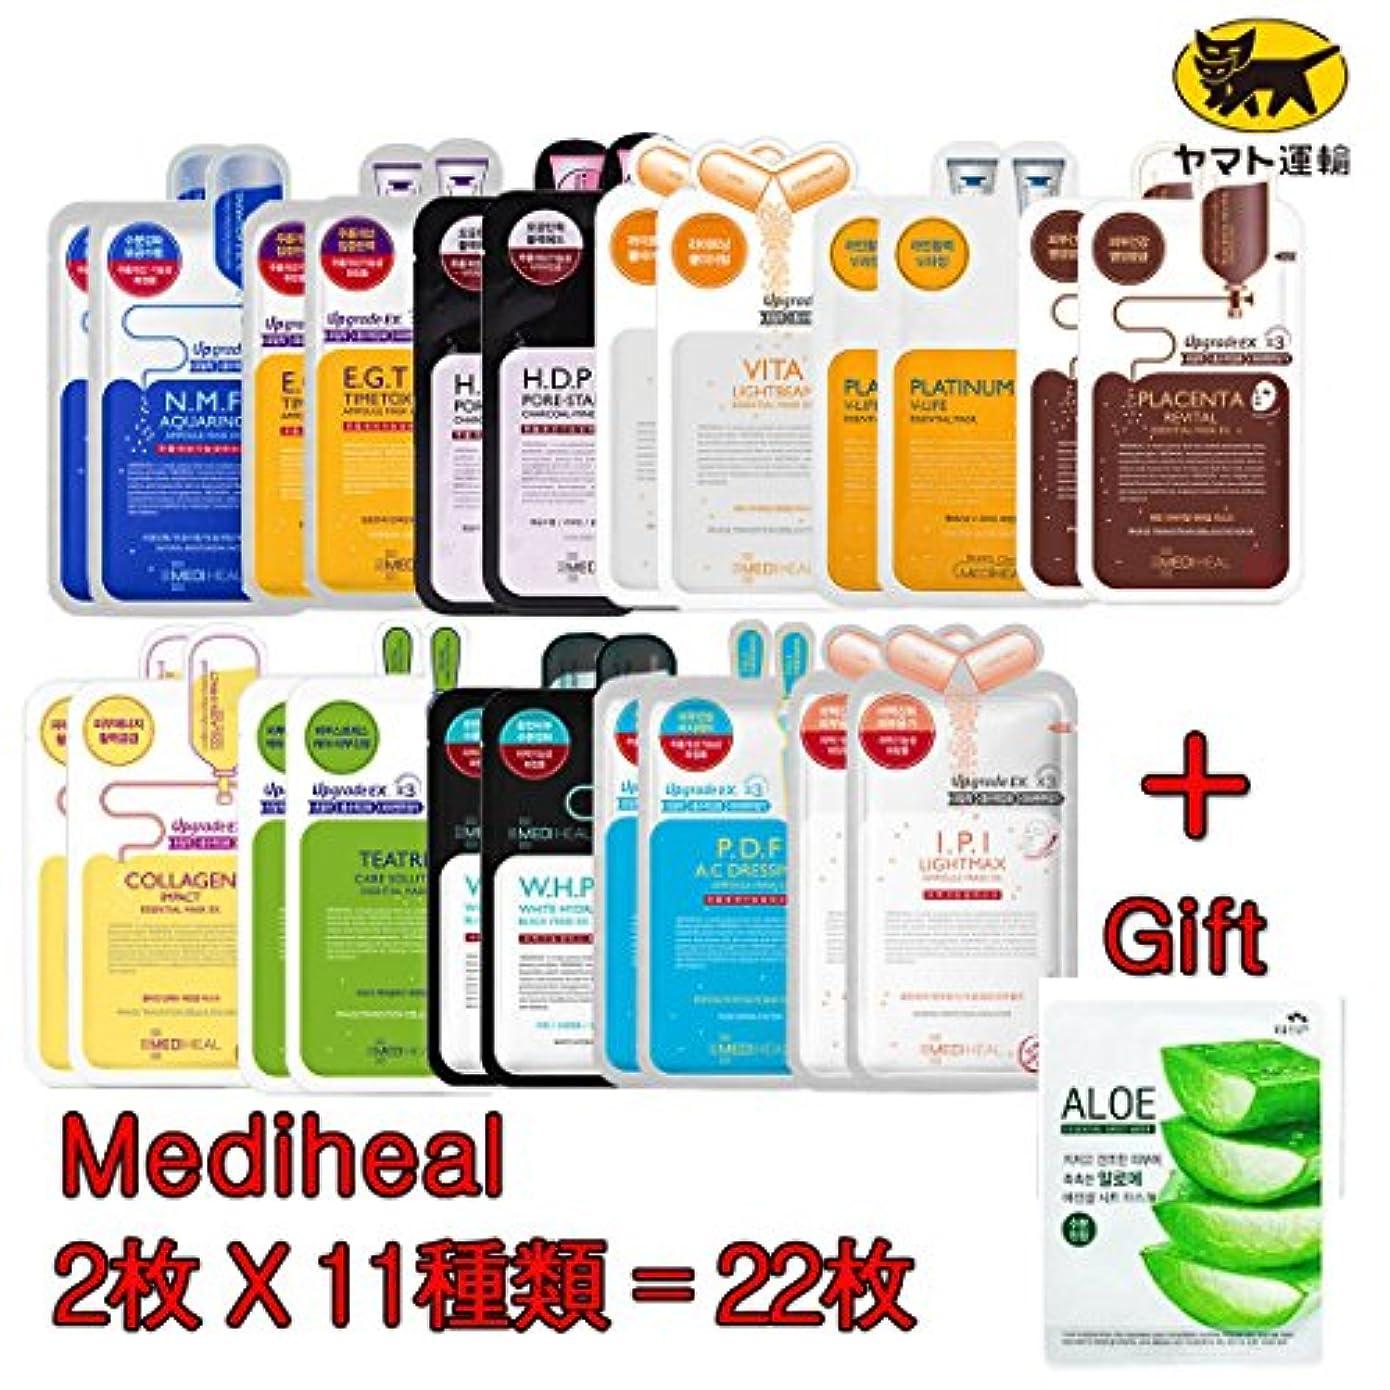 トマト賛辞リレーメディヒール(Mediheal) 11種類 X 各2枚ずつ = 全22枚 + Aloe Mask Pack